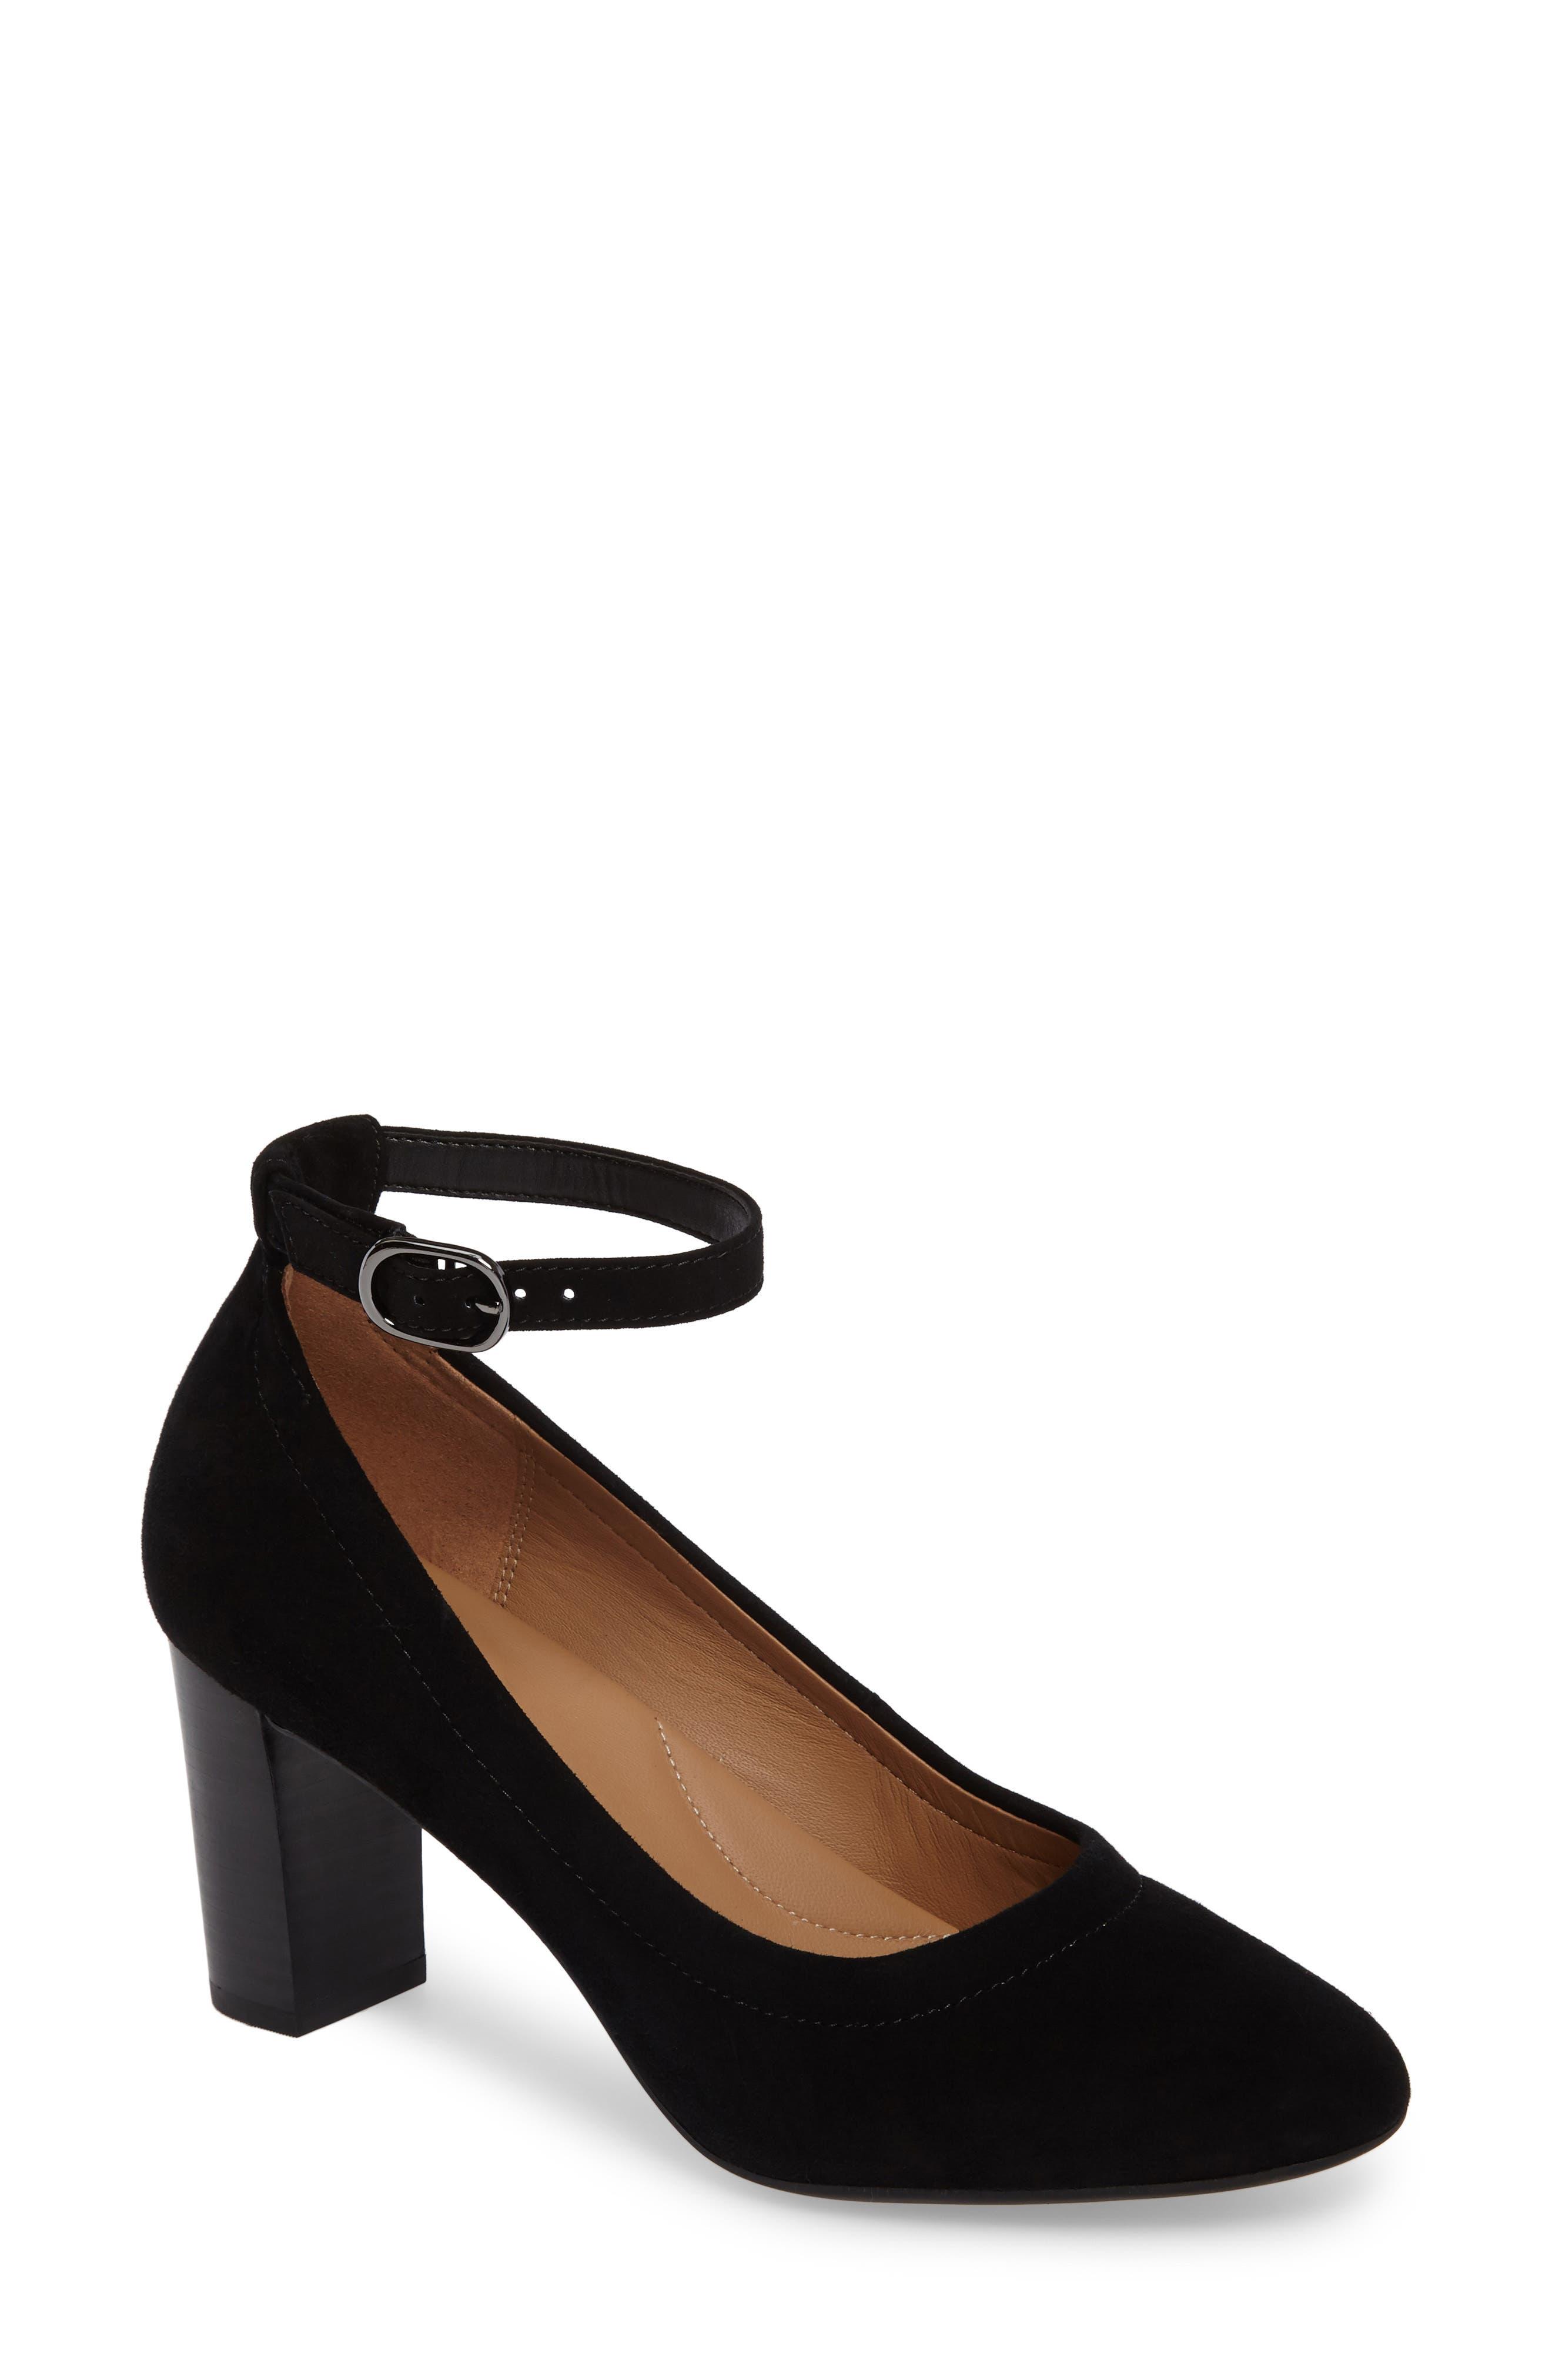 Chryssa Jana Ankle Strap Pump,                         Main,                         color, Black Suede